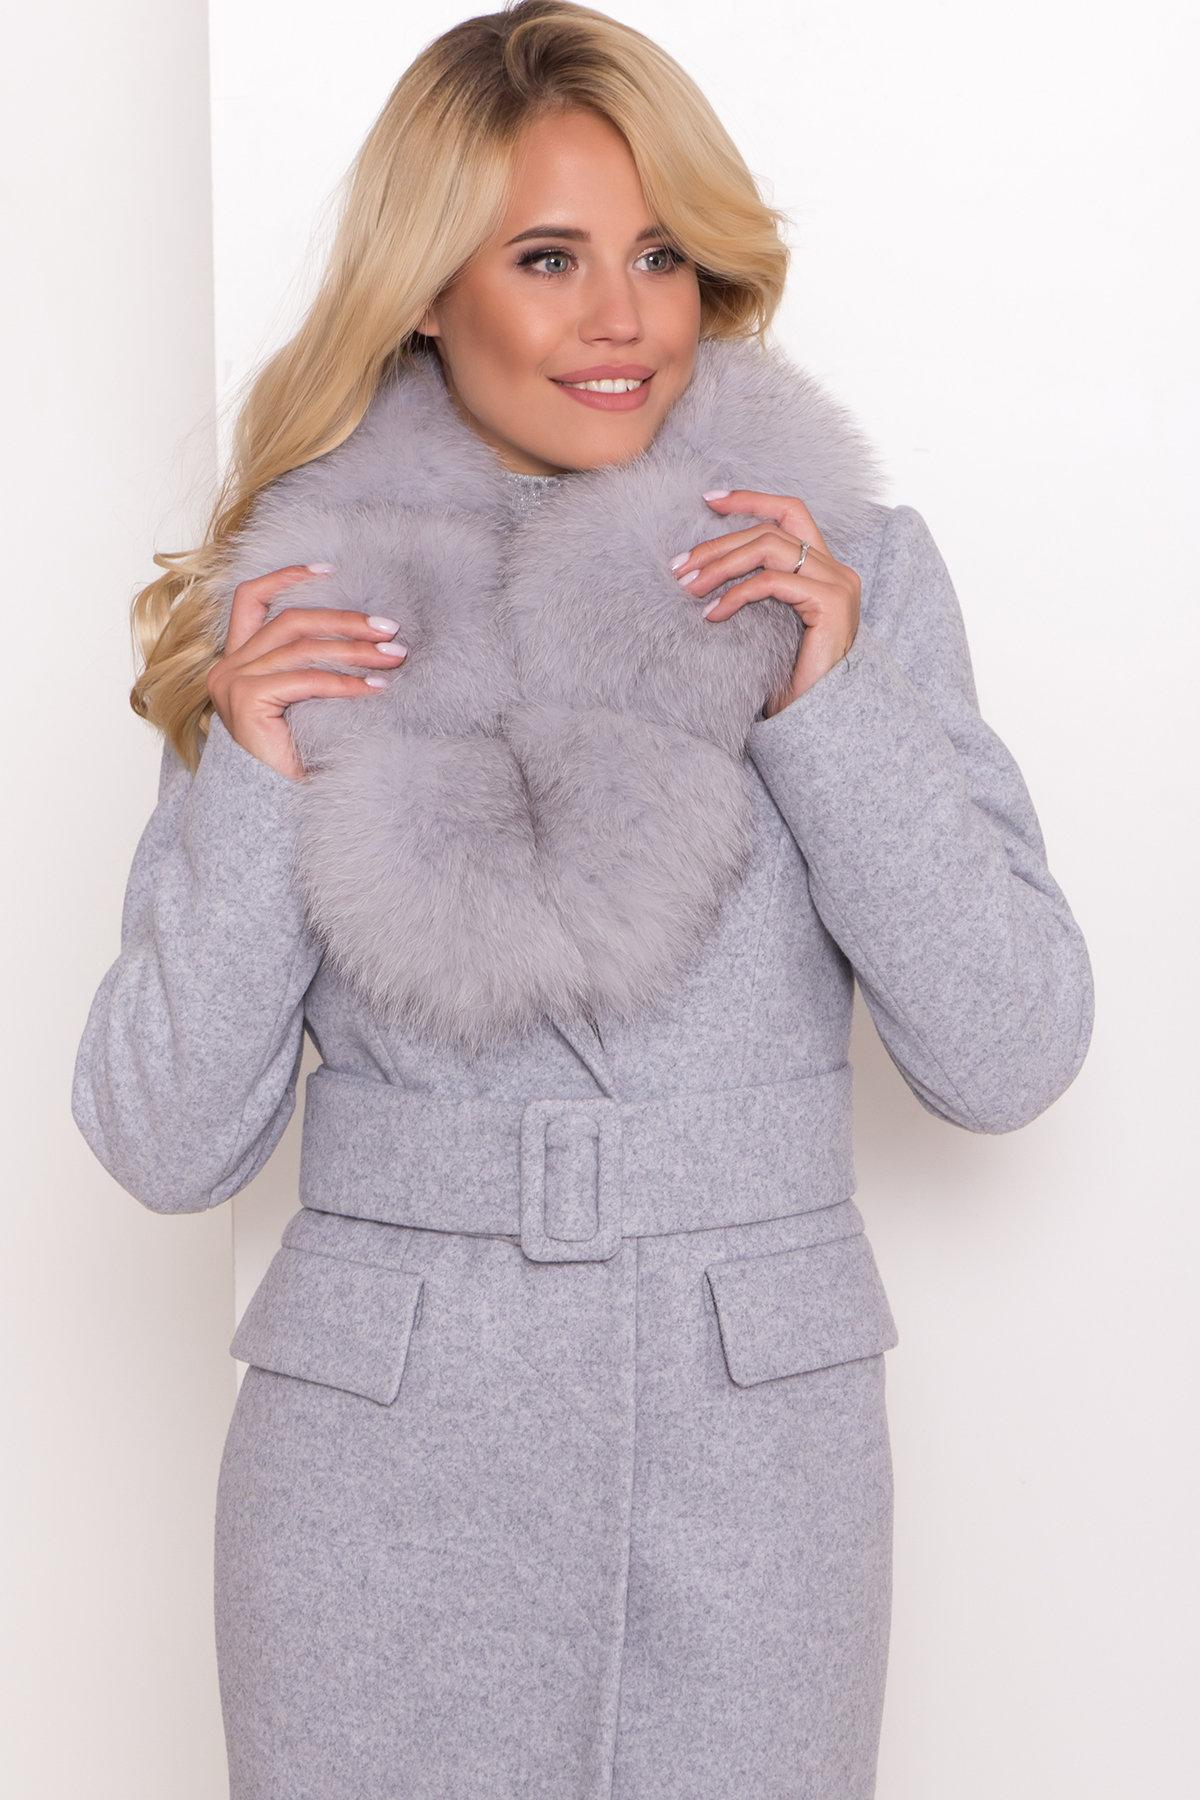 Пальто зима с меховым воротником Лабио 8149 АРТ. 44105 Цвет: Серый Светлый 33 - фото 5, интернет магазин tm-modus.ru